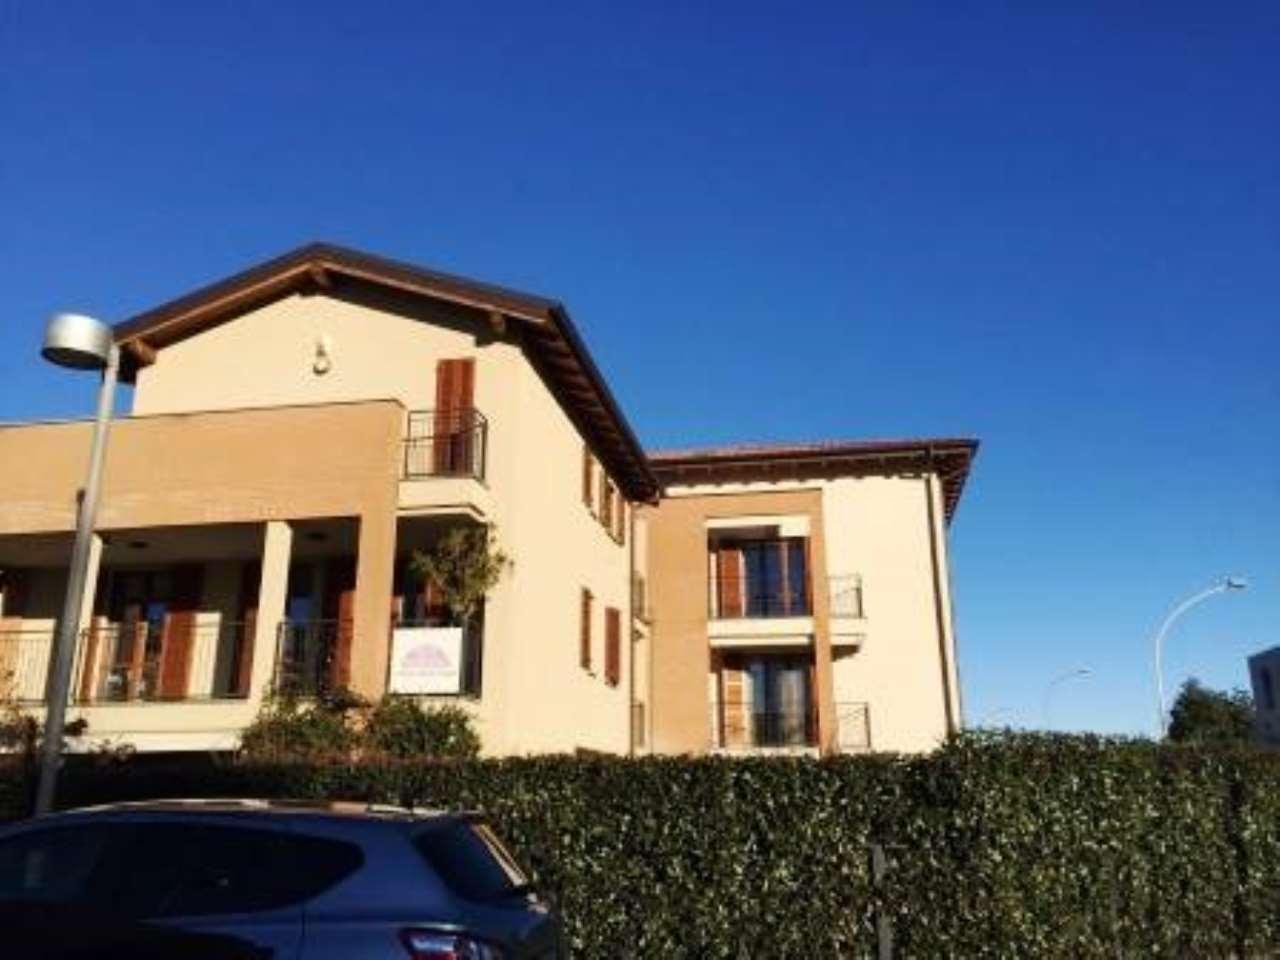 Appartamento in vendita a Burago di Molgora, 3 locali, prezzo € 248.000 | CambioCasa.it